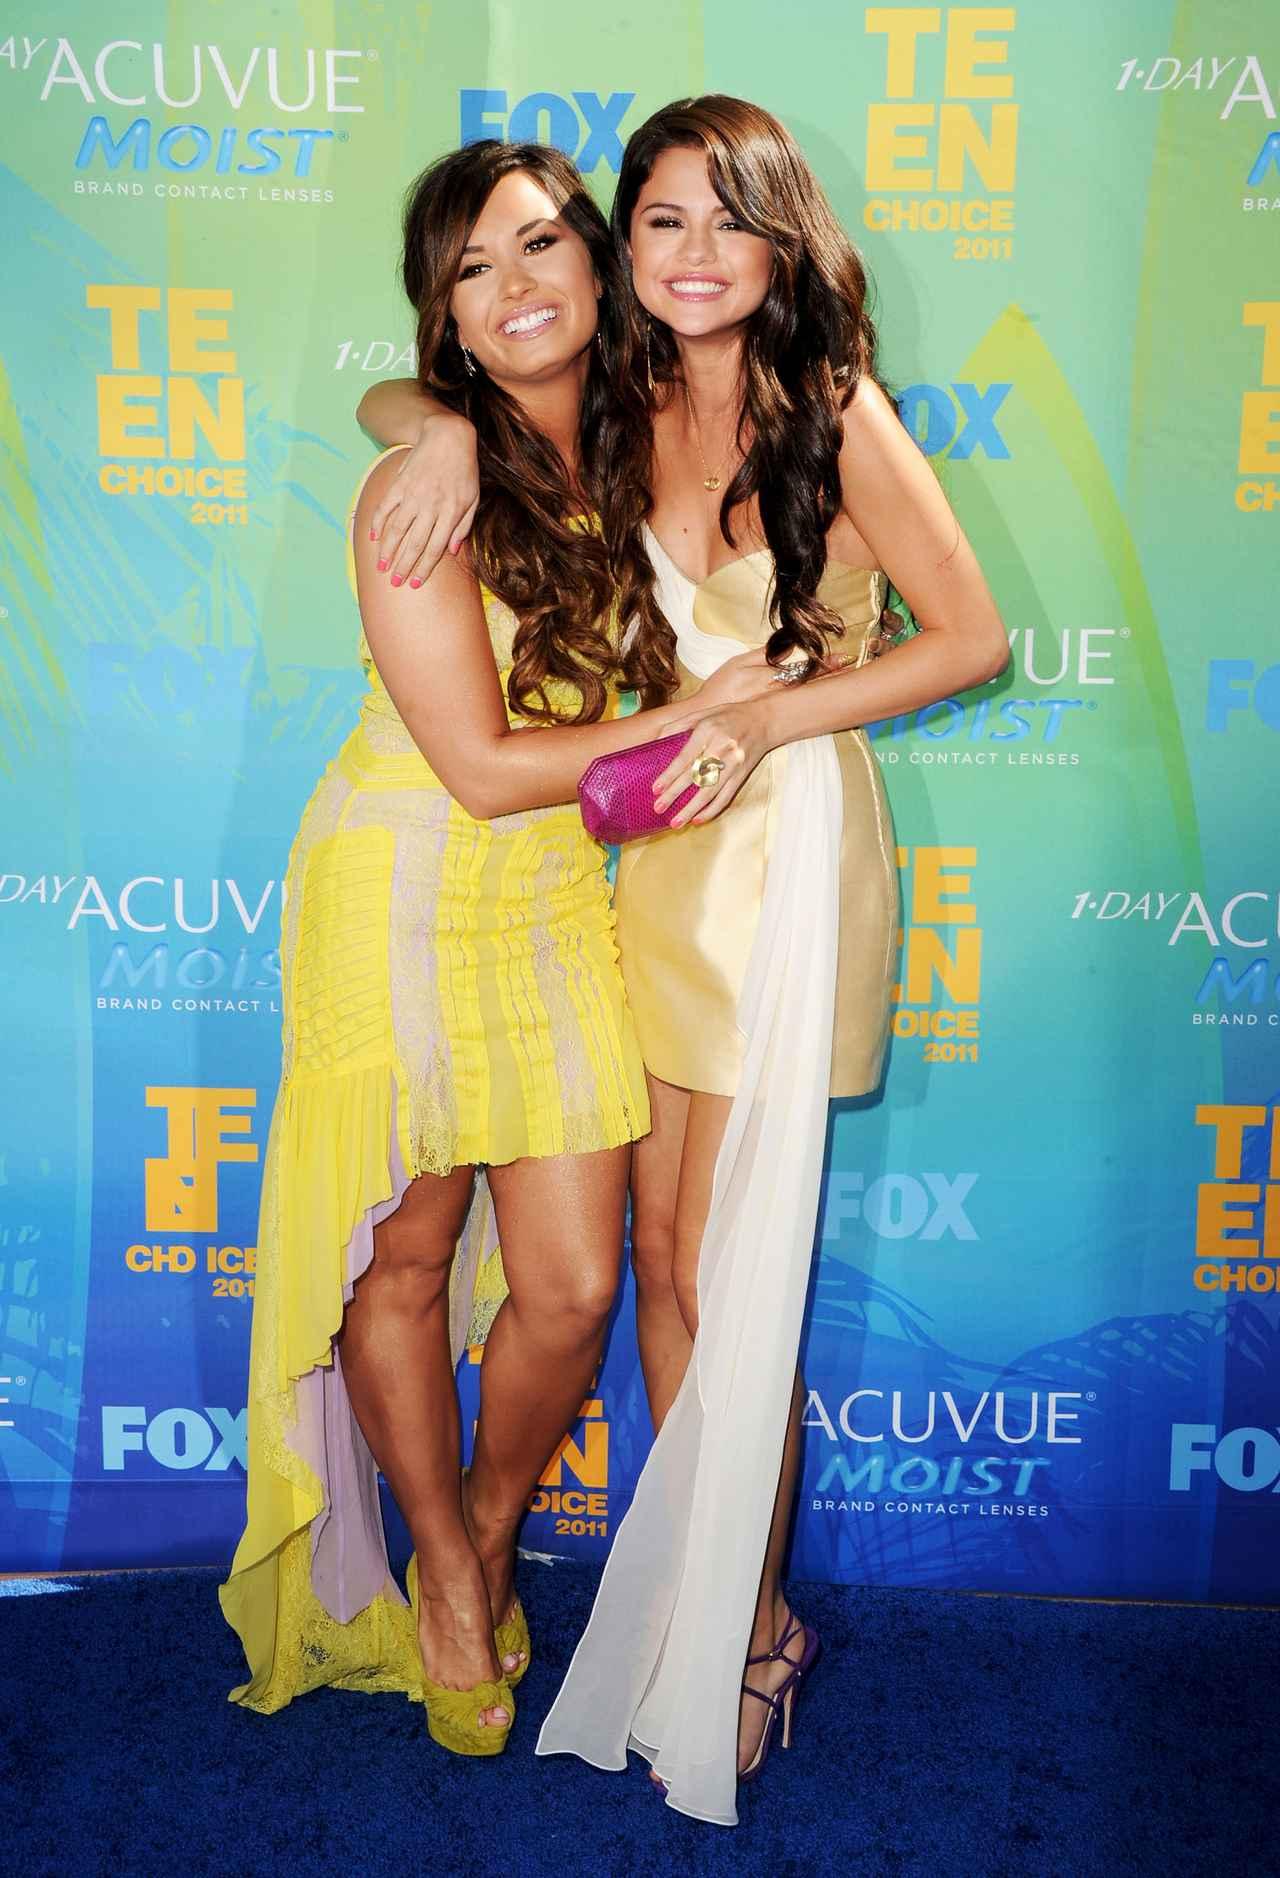 画像: 2011年のティーン・チョイス・アワード授賞式で仲良く写真撮影に応えるデミとセレーナ。